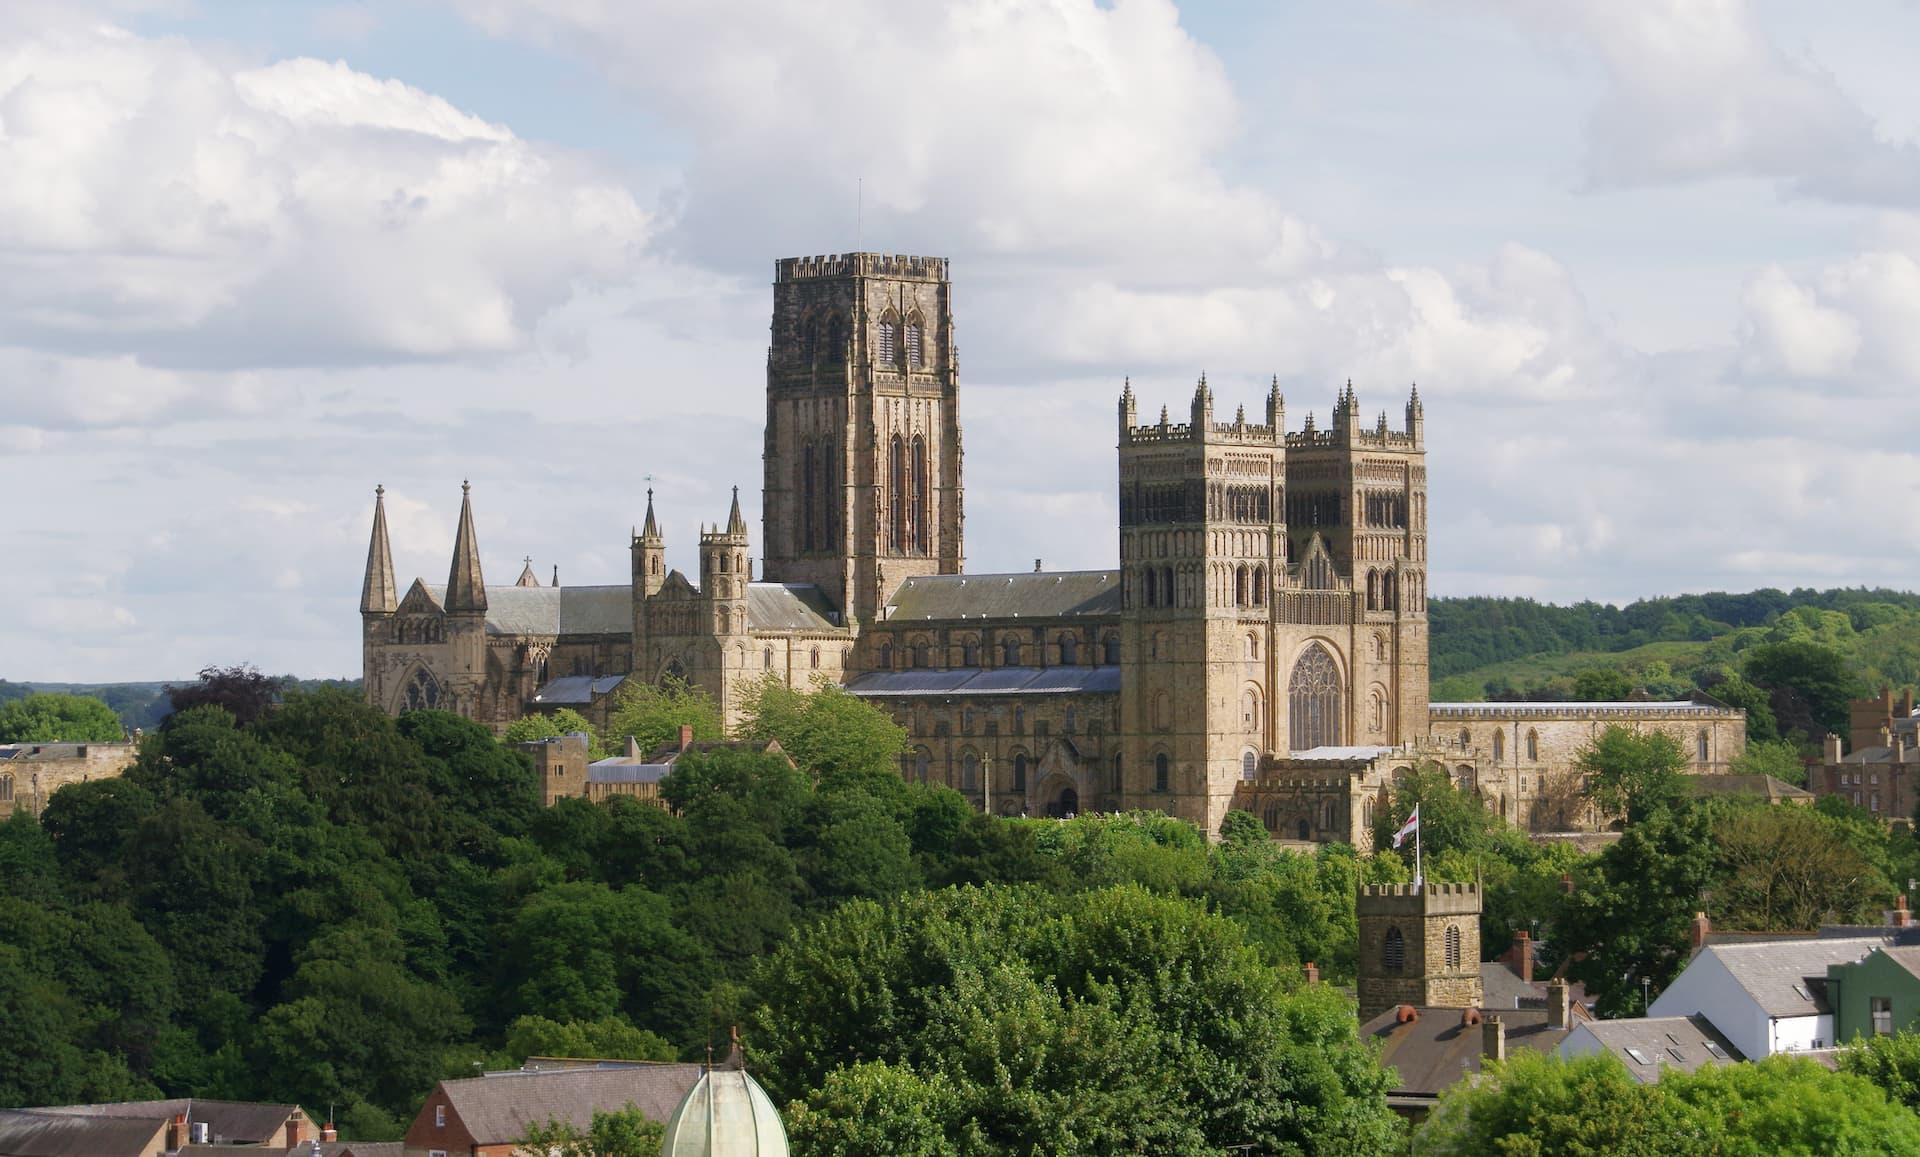 Cattedrale di Durham - Pietra filosofale, Camera dei segreti e Prigioniero di Azkaban